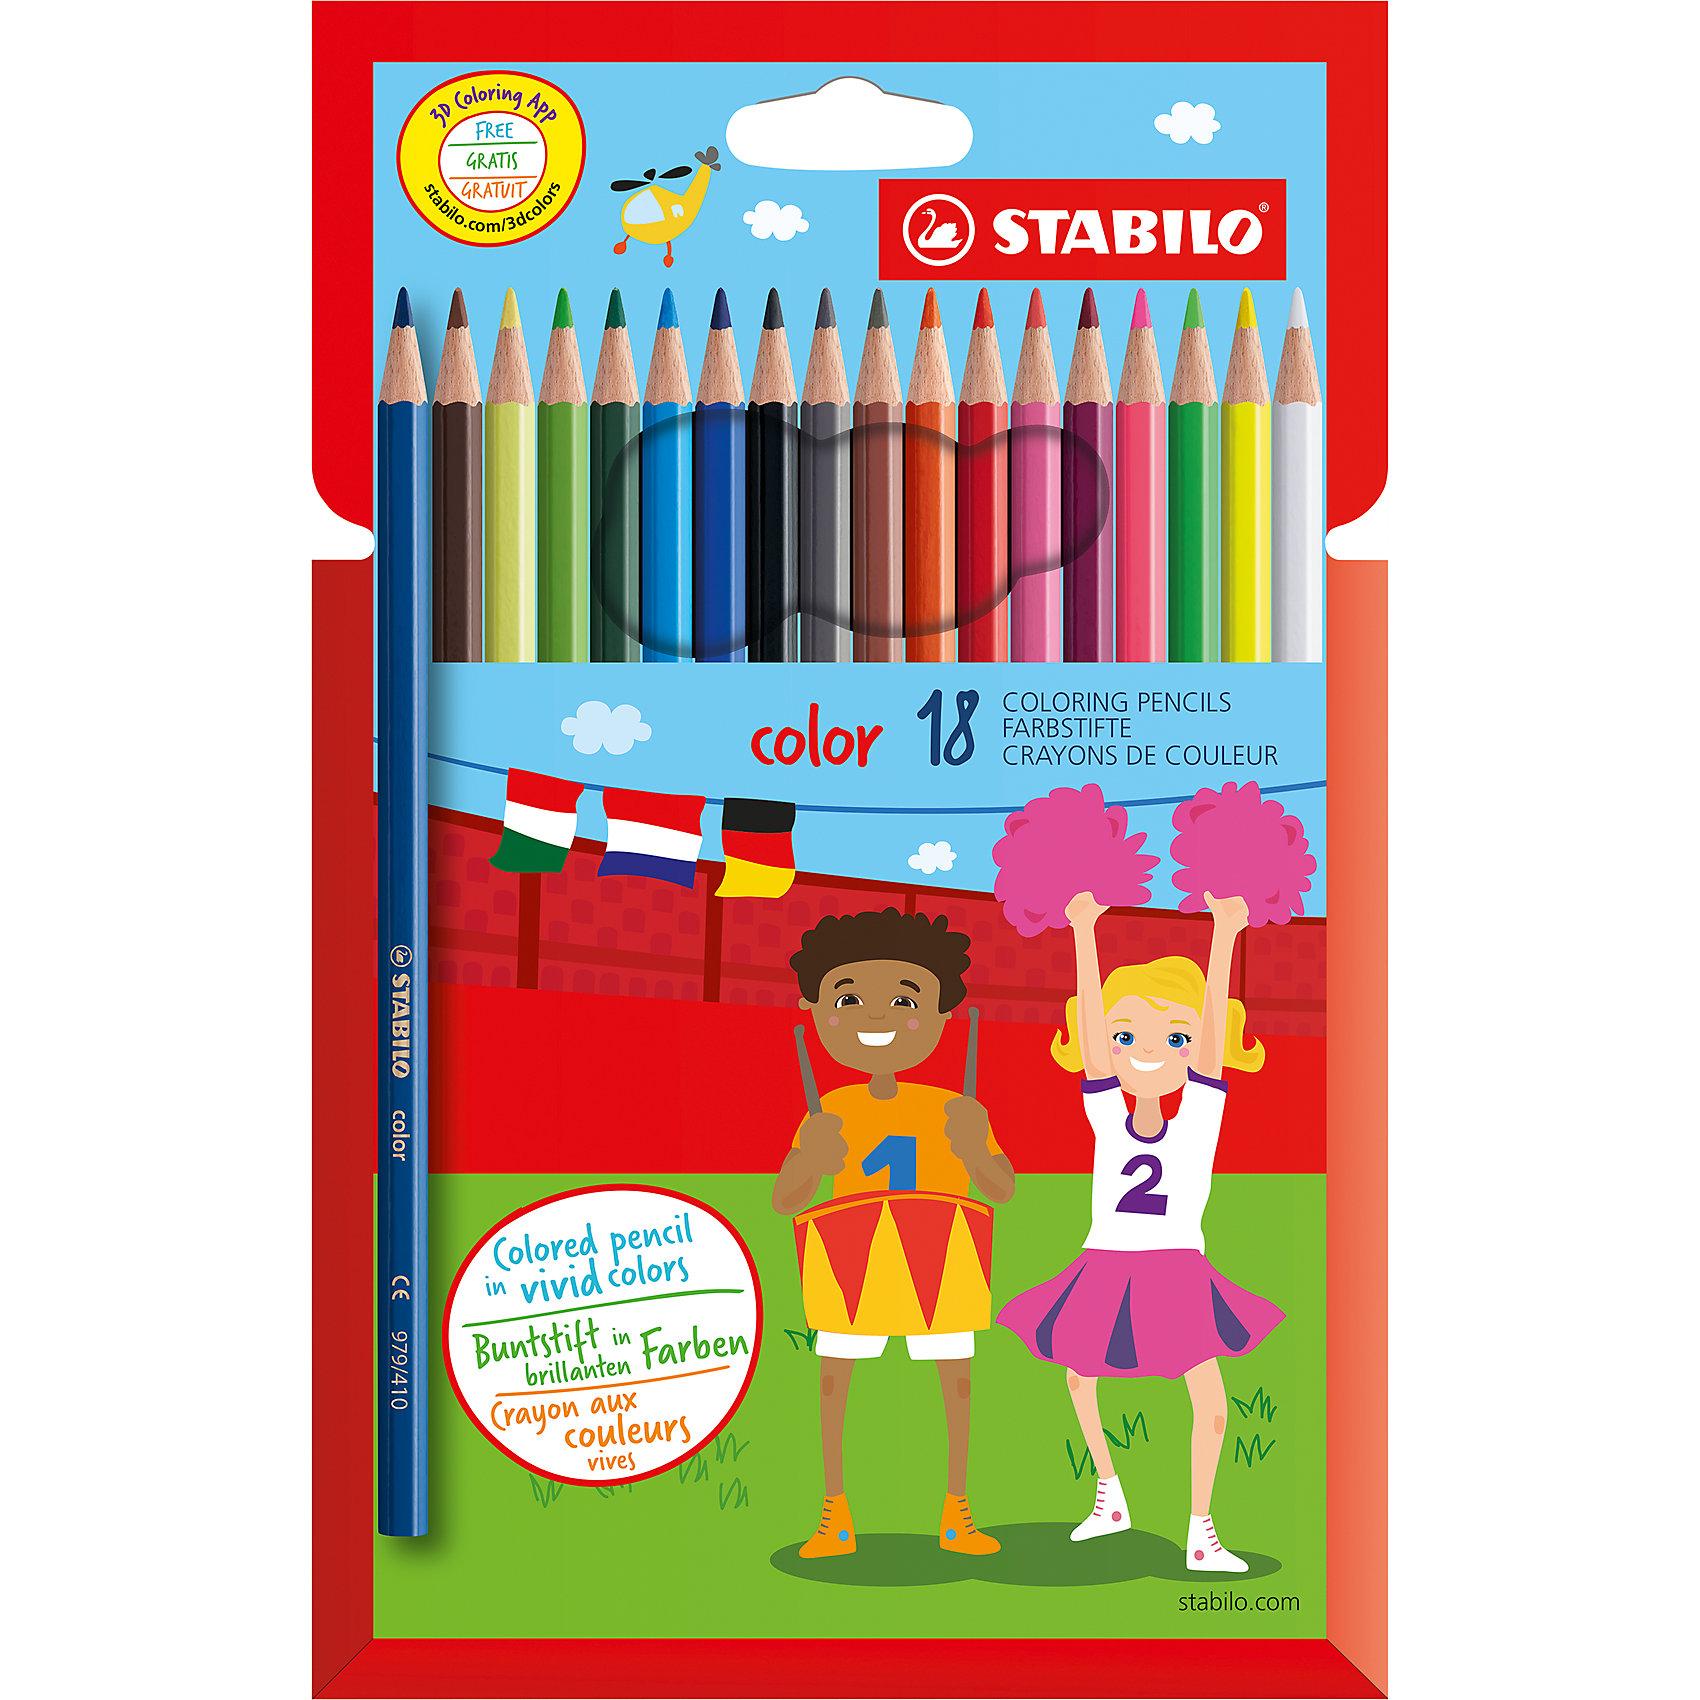 Набор цветных карандашей 18 цв.Письменные принадлежности<br>Набор цветных карандашей 18 цв. от марки Stabilo<br><br>Эти карандаши созданы немецкой компанией для комфортного и легкого рисования. Легко затачиваются, при этом грифель очень устойчив к поломкам. Цвета яркие, линия мягкая и однородная. Будут долго держаться на бумаге и не выцветать. Рисование помогает детям развивать усидчивость, воображение, образное восприятие мира, а также мелкую моторику рук.  <br>Грифель - из высококачественного материала. В наборе - 18 карандашей разных цветов. Они отлично лежат в руке благодаря удобной форме и качественному покрытию.<br><br>Особенности данной модели:<br><br>комплектация: 18 шт.<br><br>Набор цветных карандашей 18 цв. от марки Stabilo можно купить в нашем магазине.<br><br>Ширина мм: 213<br>Глубина мм: 126<br>Высота мм: 12<br>Вес г: 100<br>Возраст от месяцев: 72<br>Возраст до месяцев: 1164<br>Пол: Унисекс<br>Возраст: Детский<br>SKU: 2606803